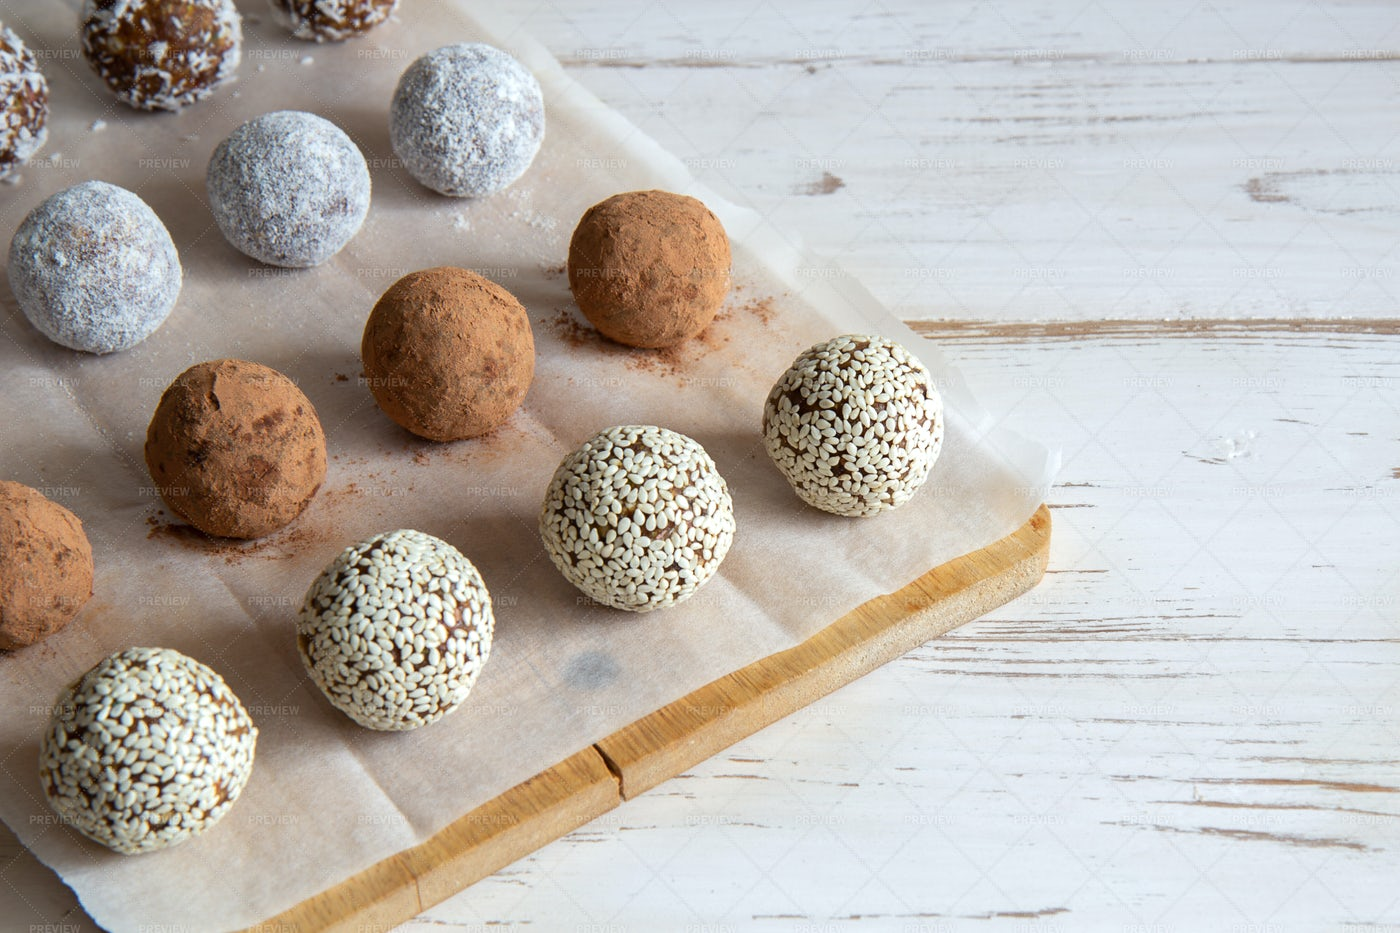 Rows Of Snack Balls: Stock Photos